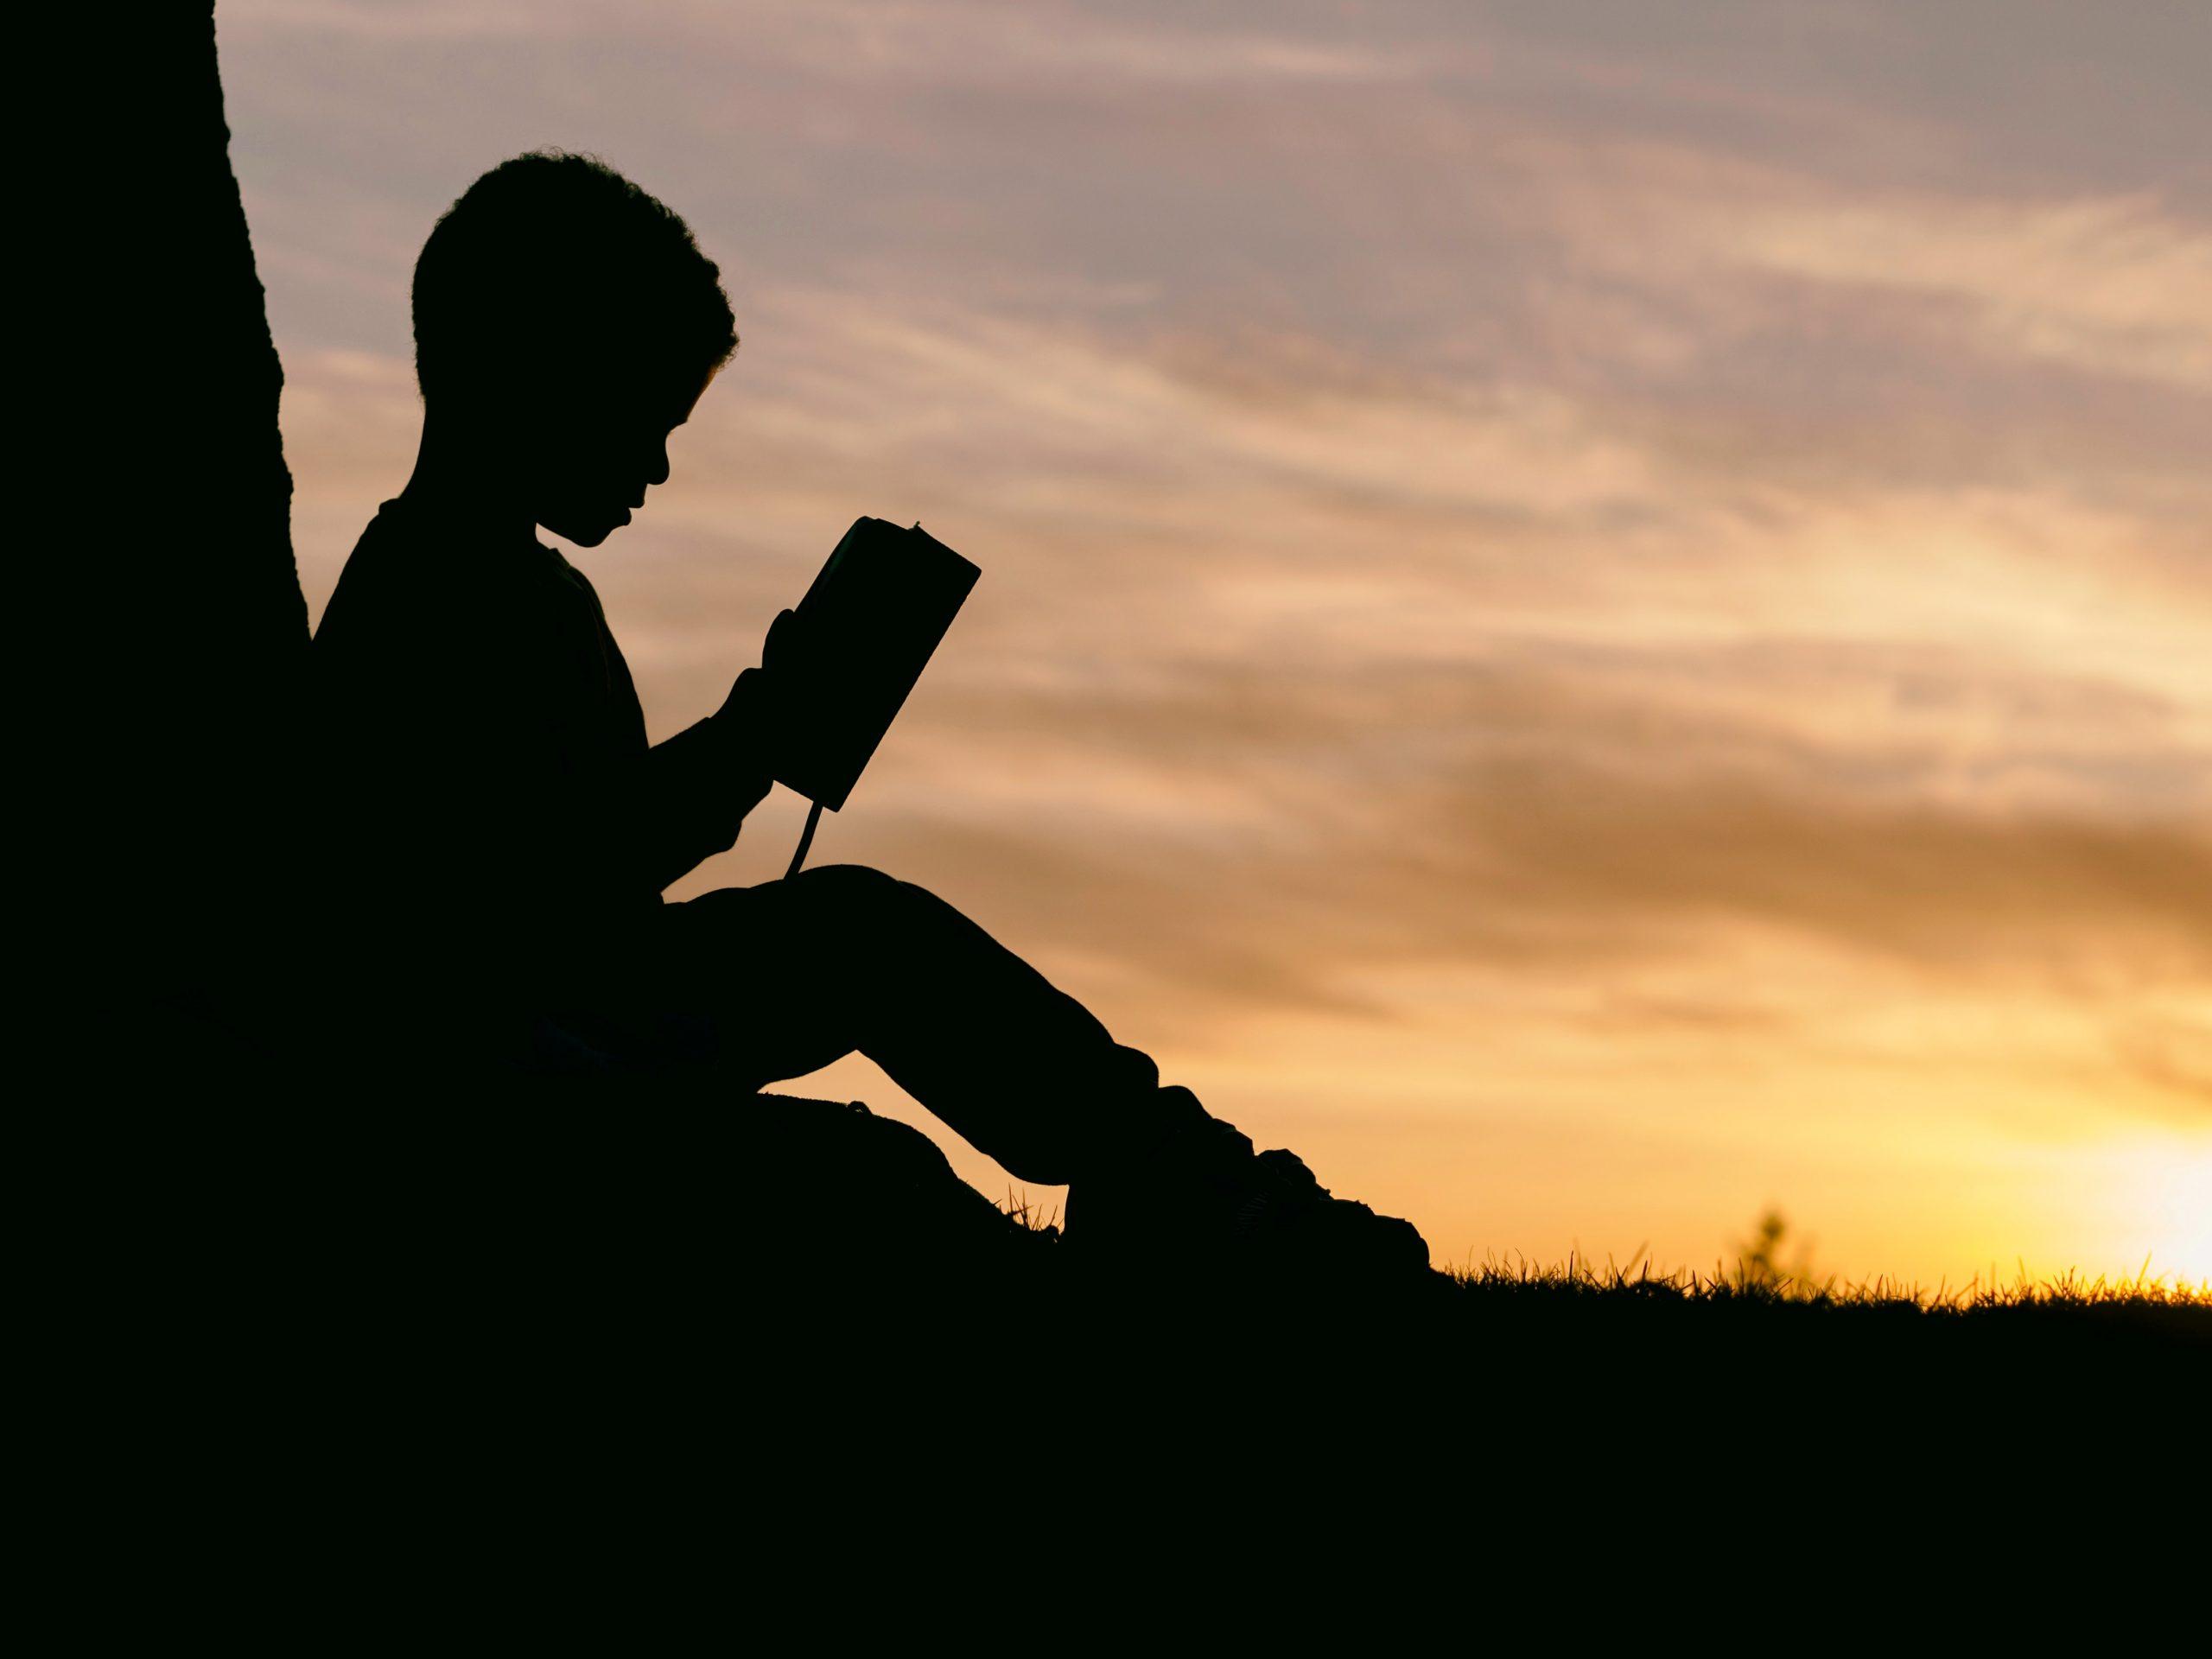 Descontos Livros Infantis CAASP